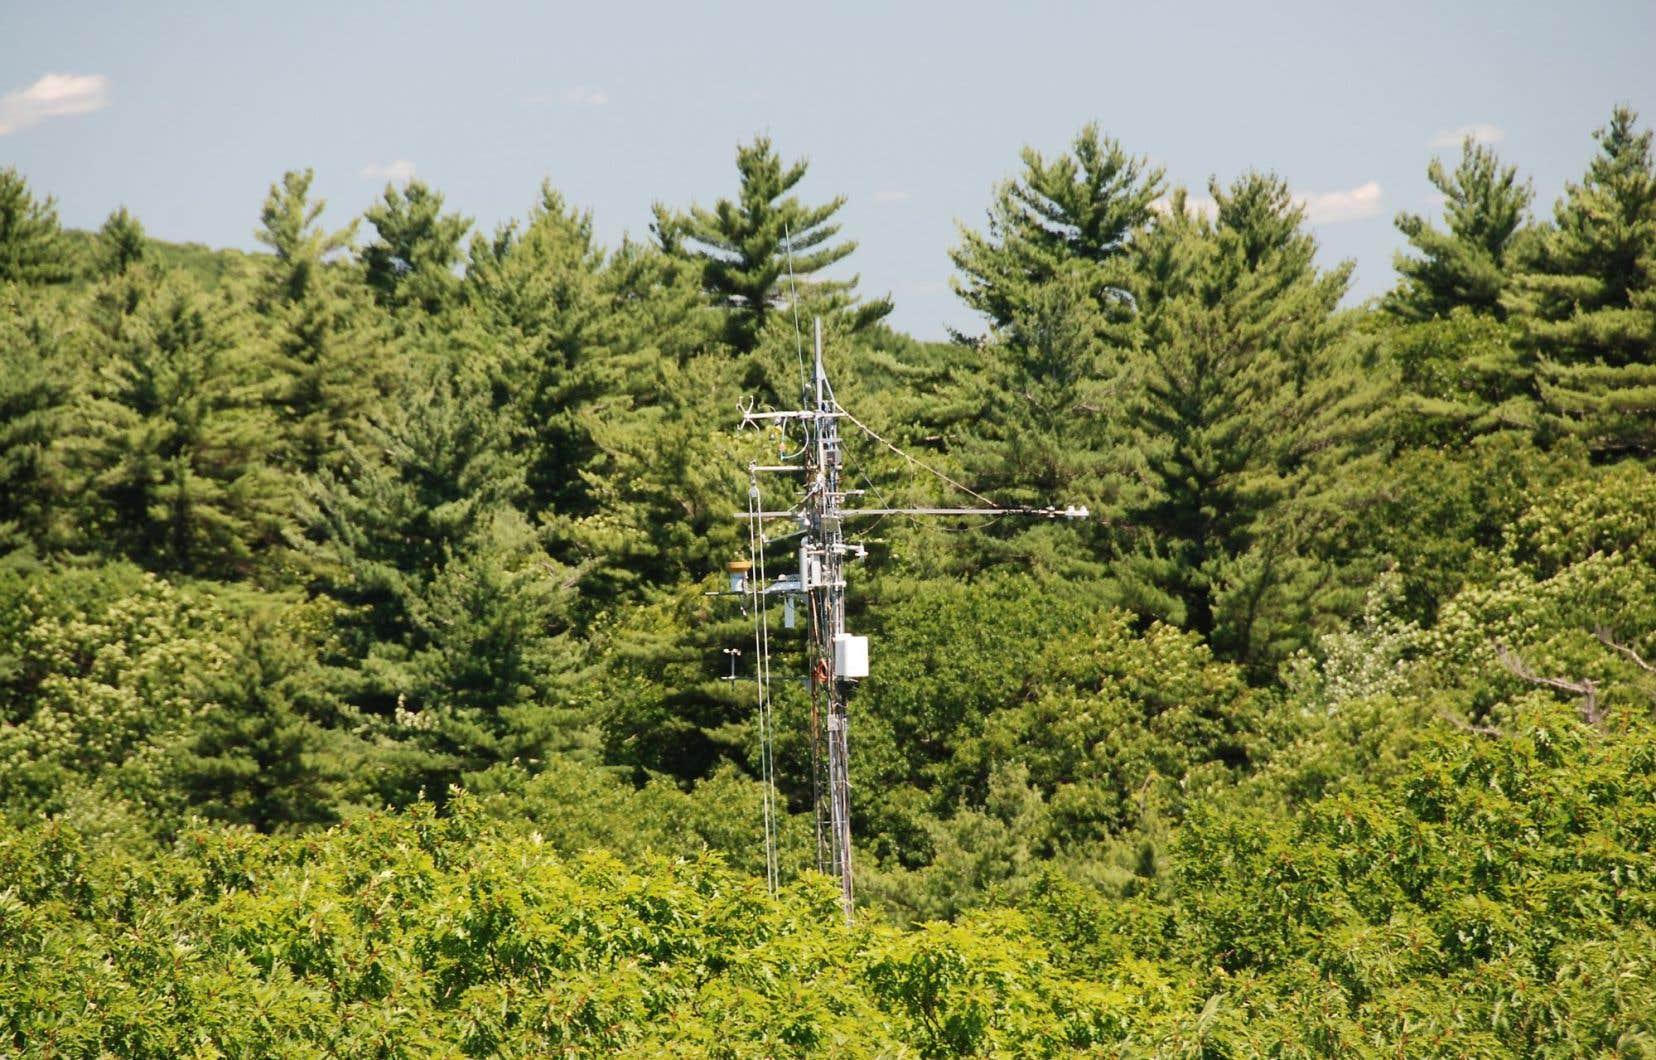 Sommet d'une tour en acier dotée de caméras et de capteurs qui permettent des mesures continues, dont celle du dioxyde de carbone depuis 1991